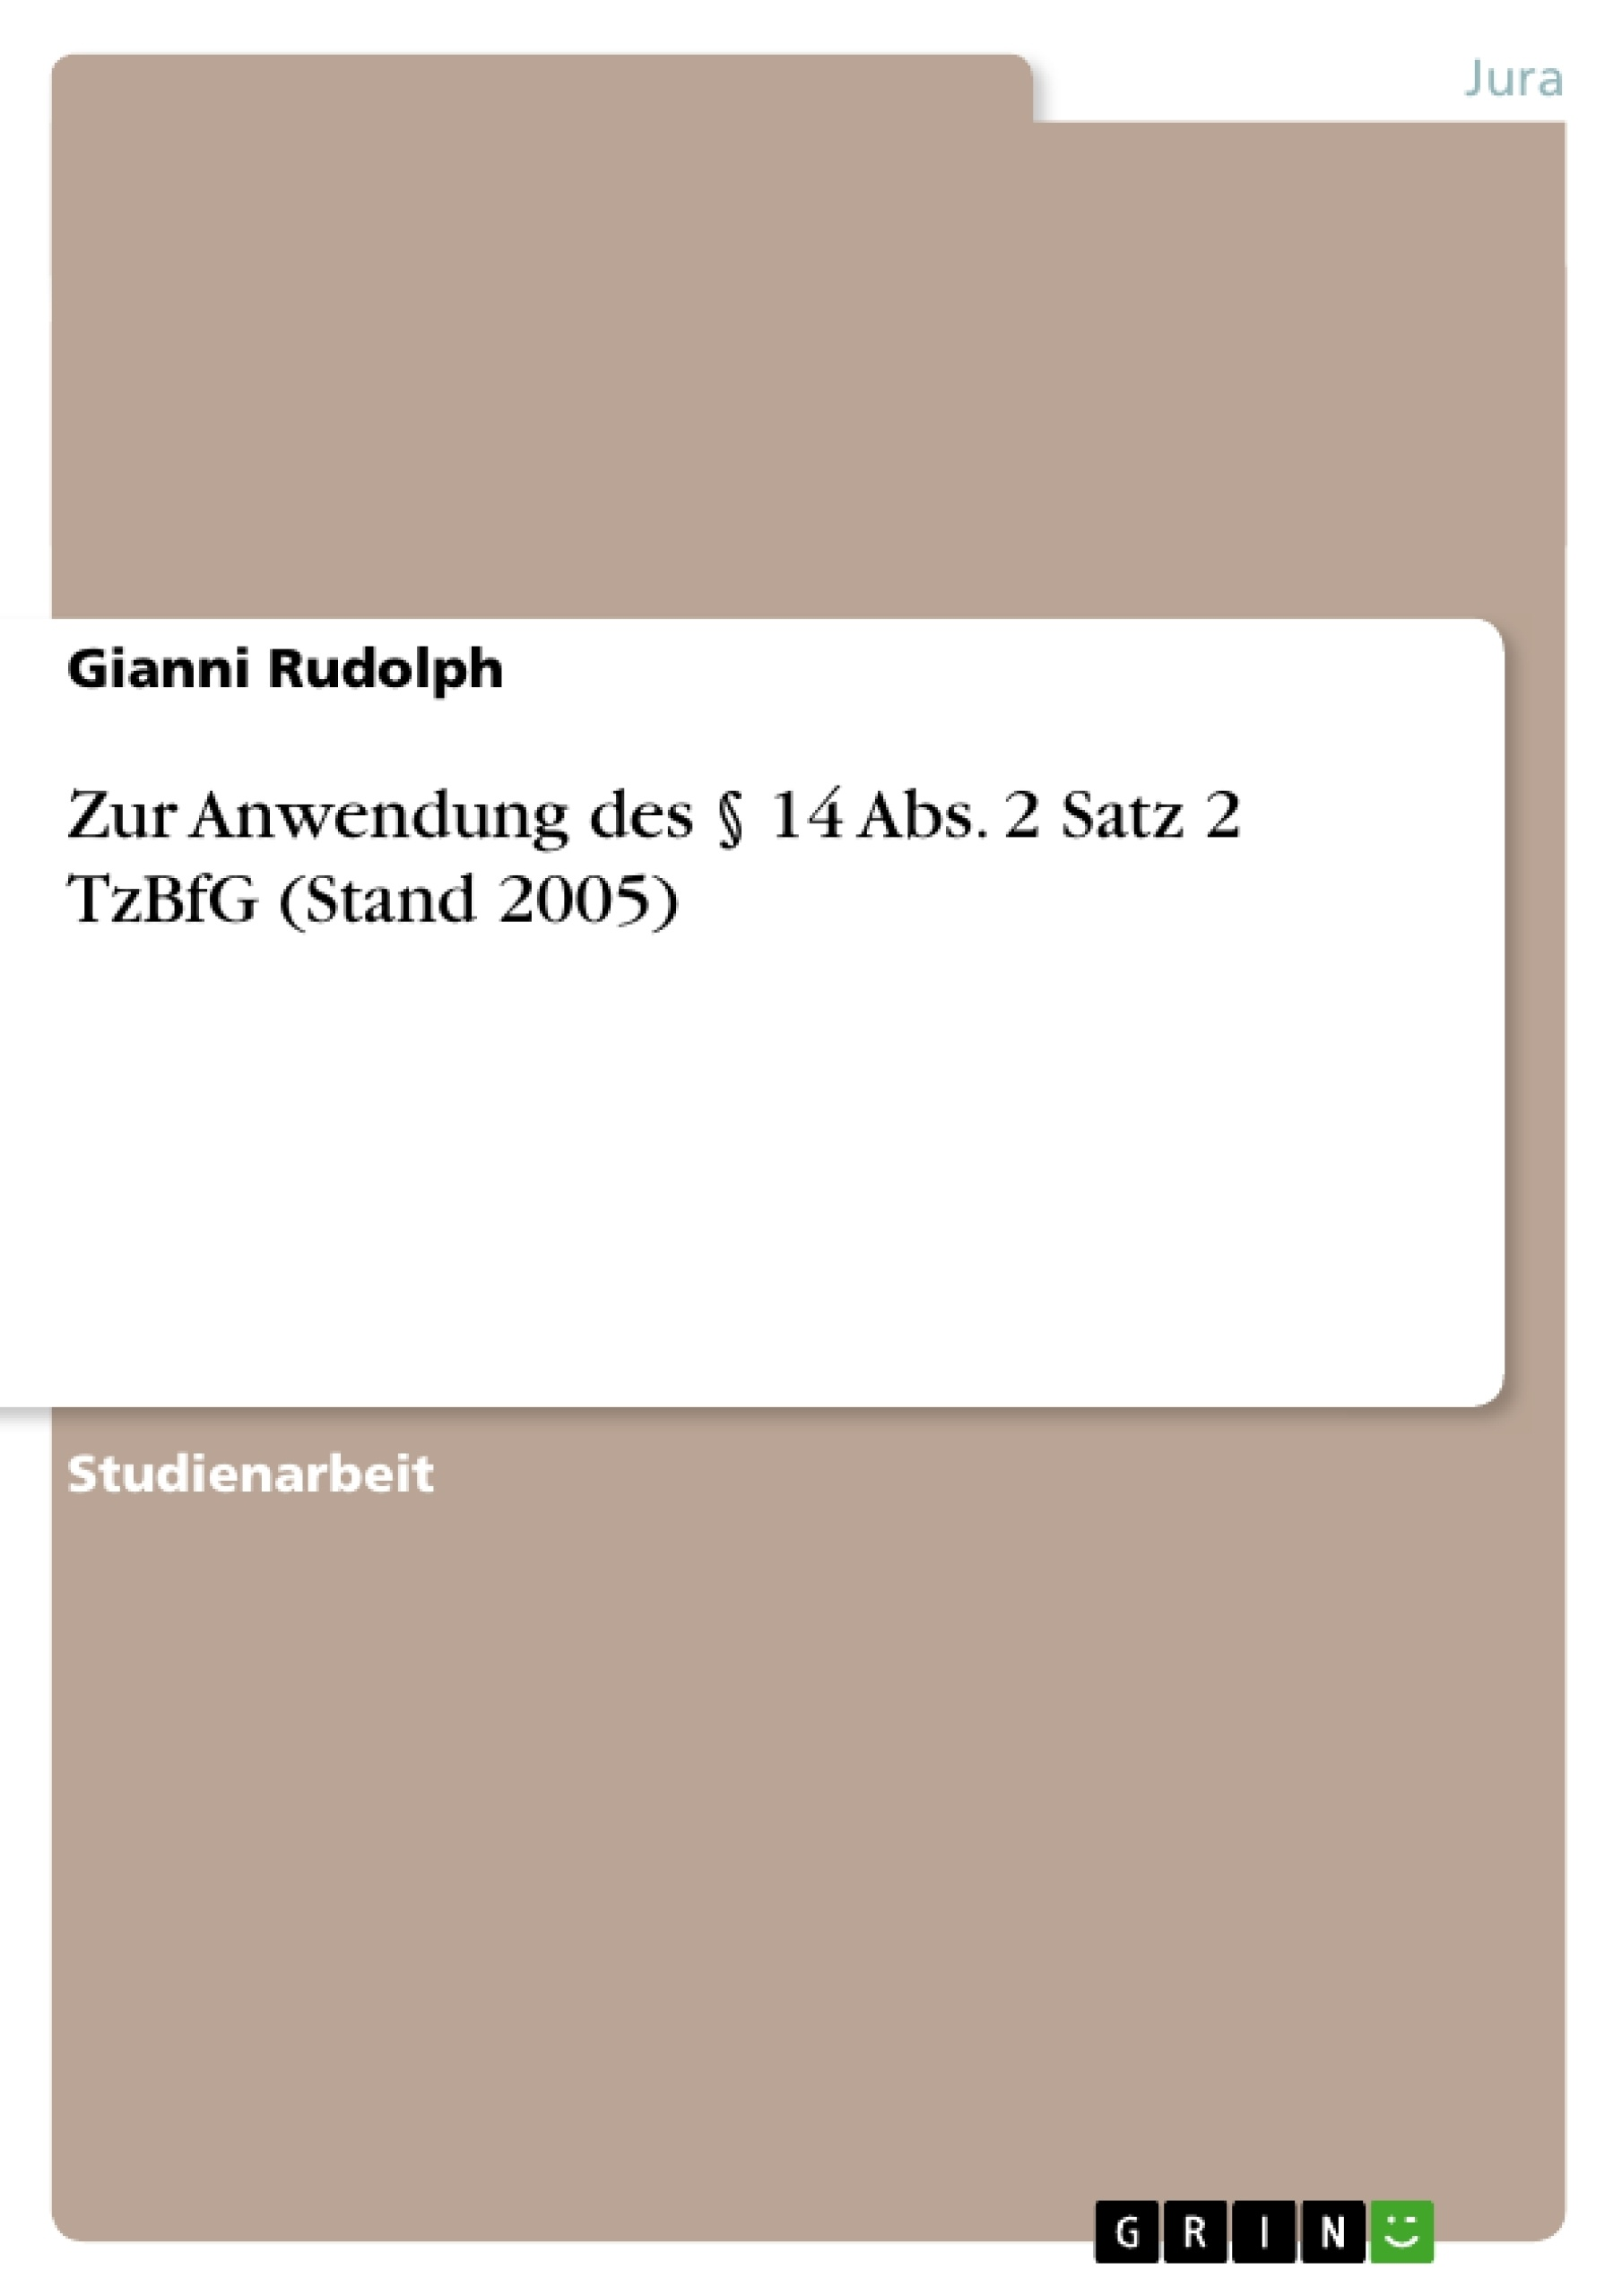 Titel: Zur Anwendung des § 14 Abs. 2 Satz 2 TzBfG (Stand 2005)